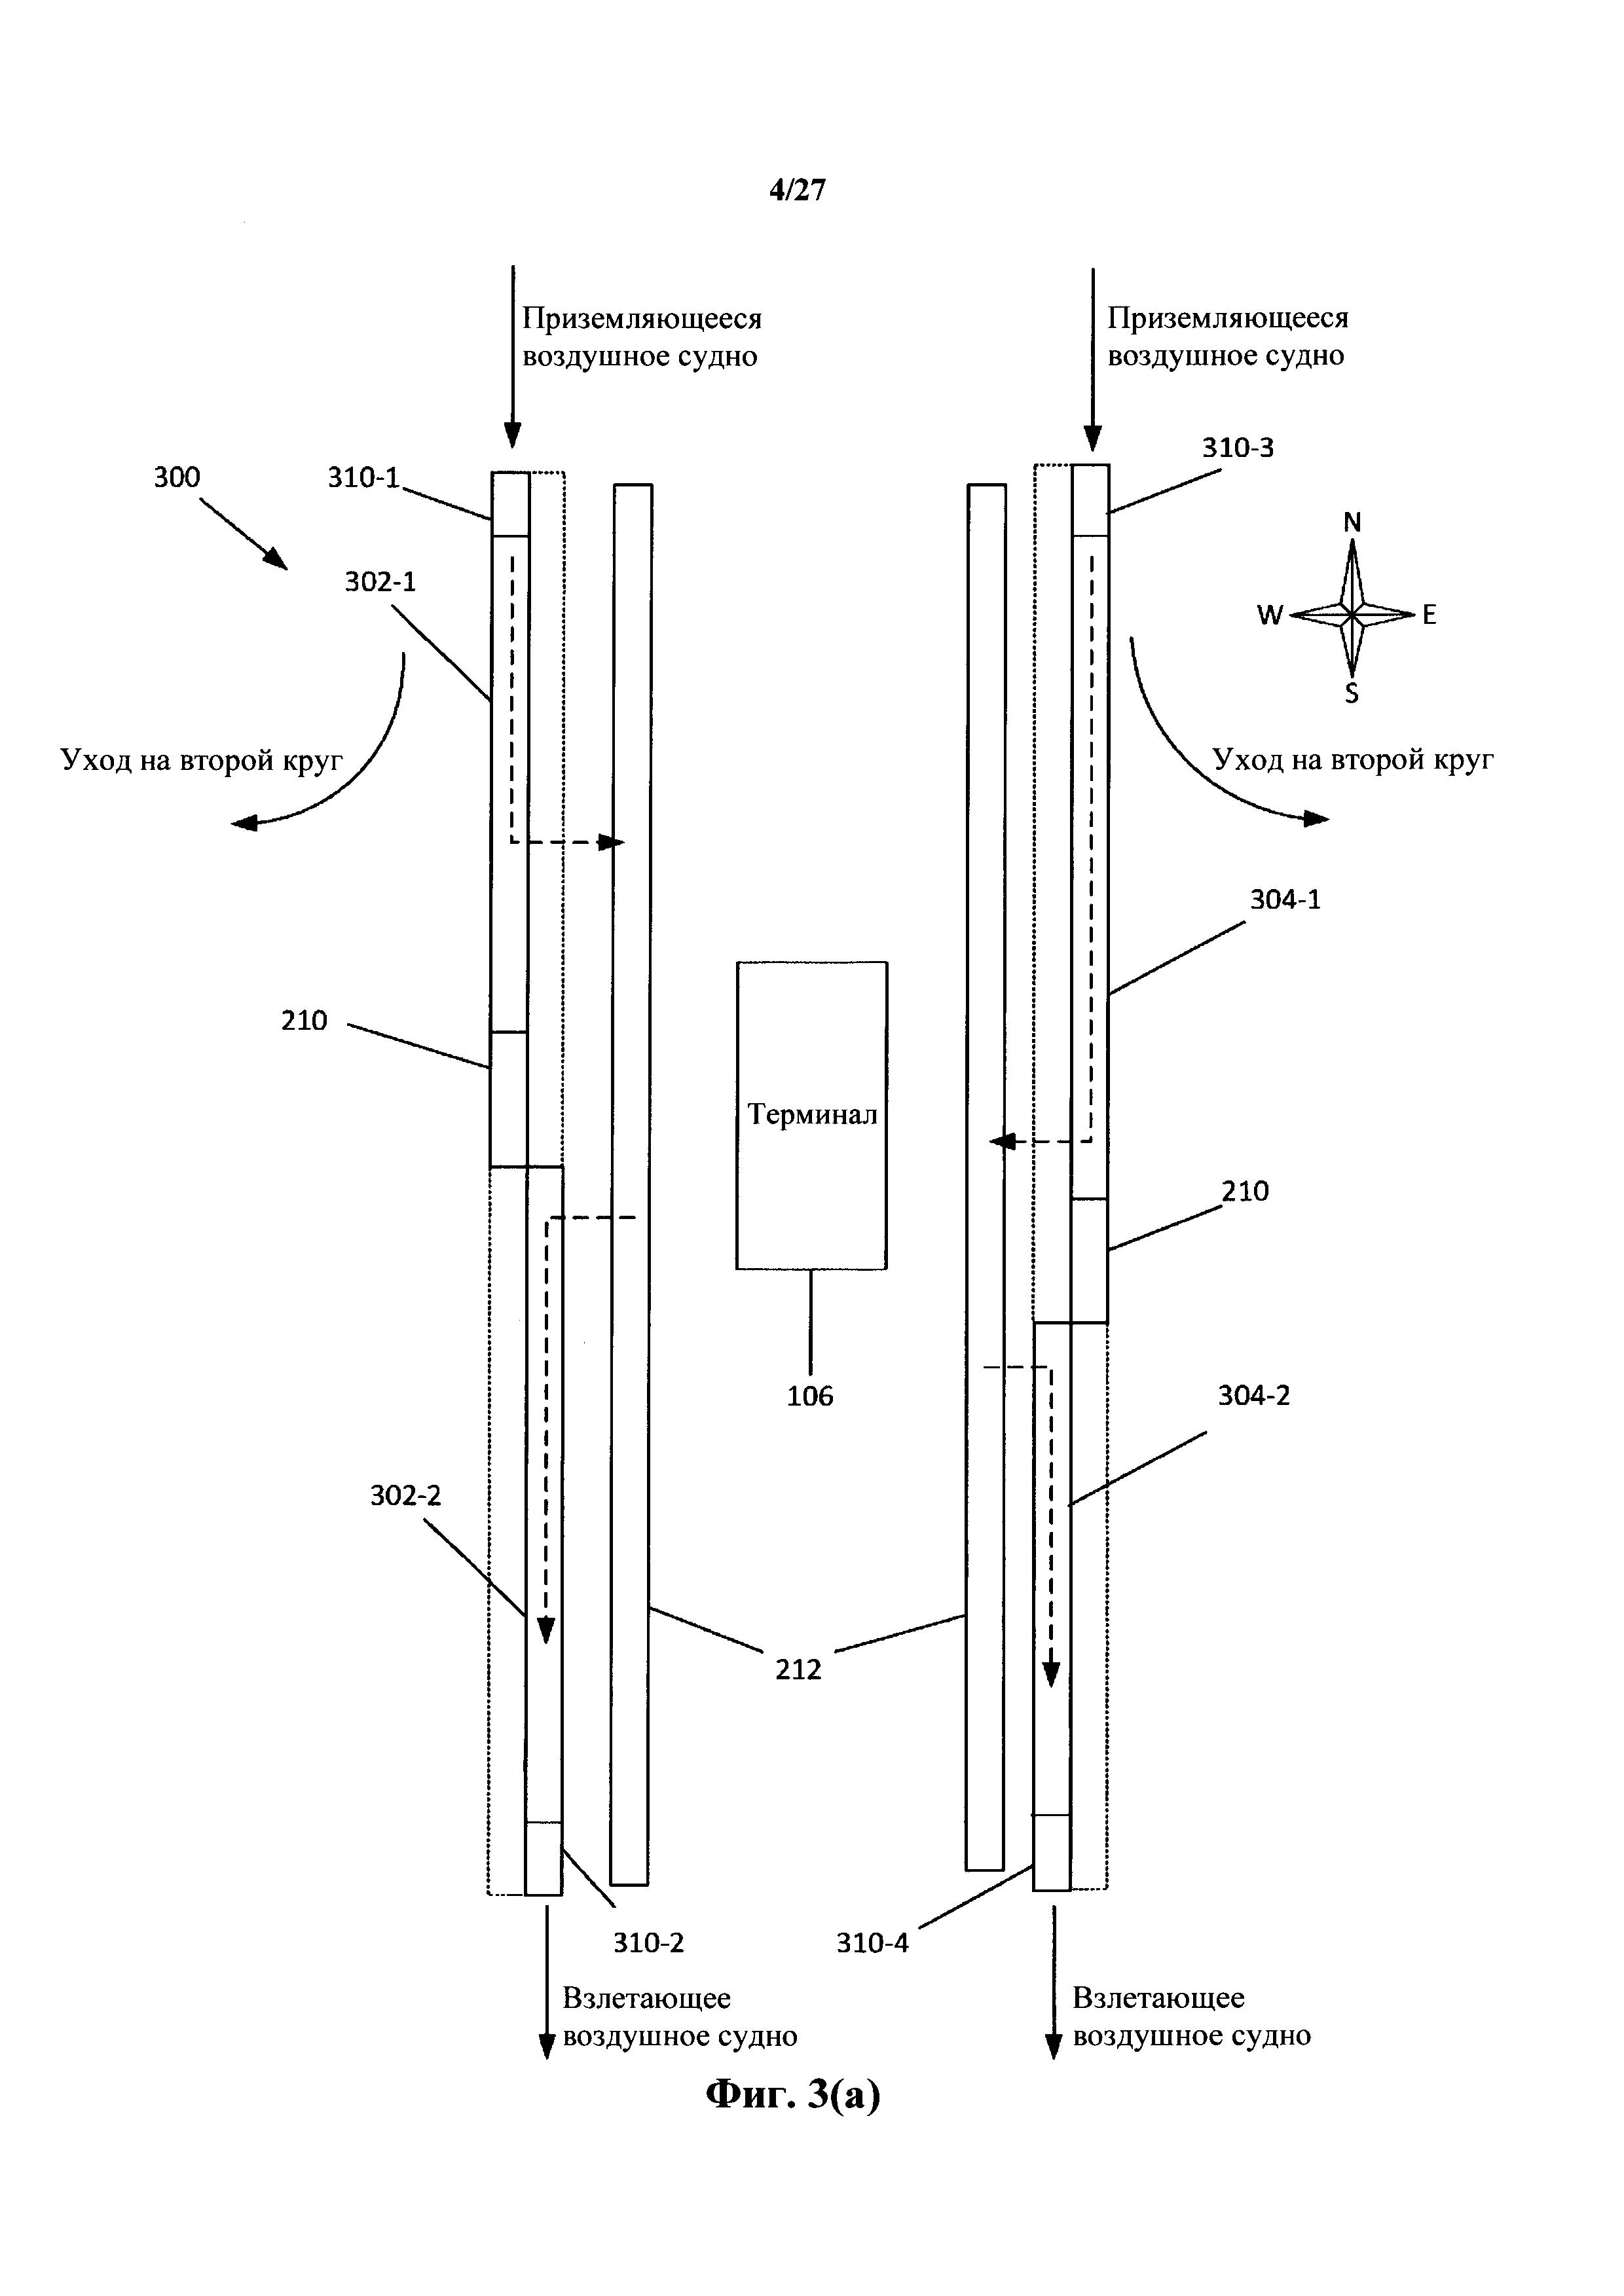 Конфигурация взлетно-посадочных полос